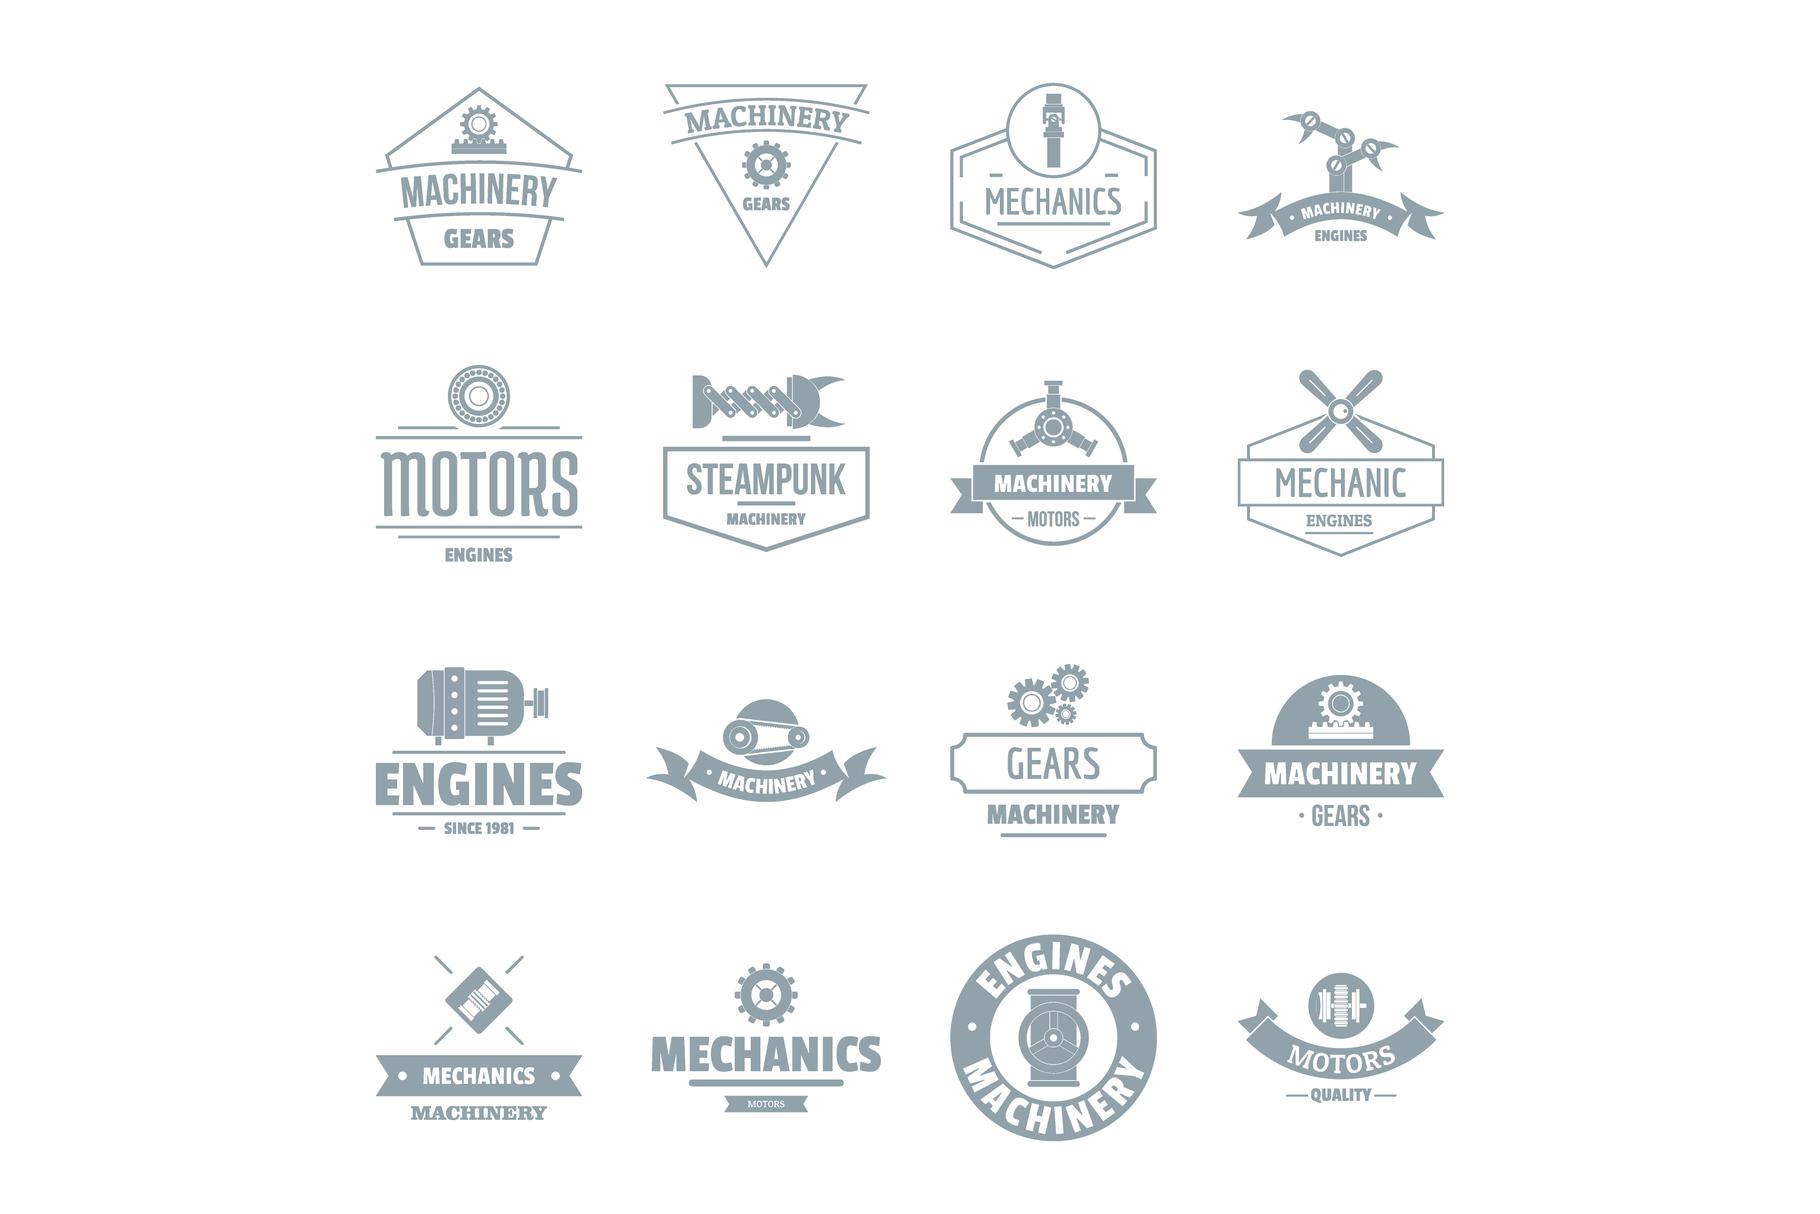 Mechanics logo icons set, simple style example image 1